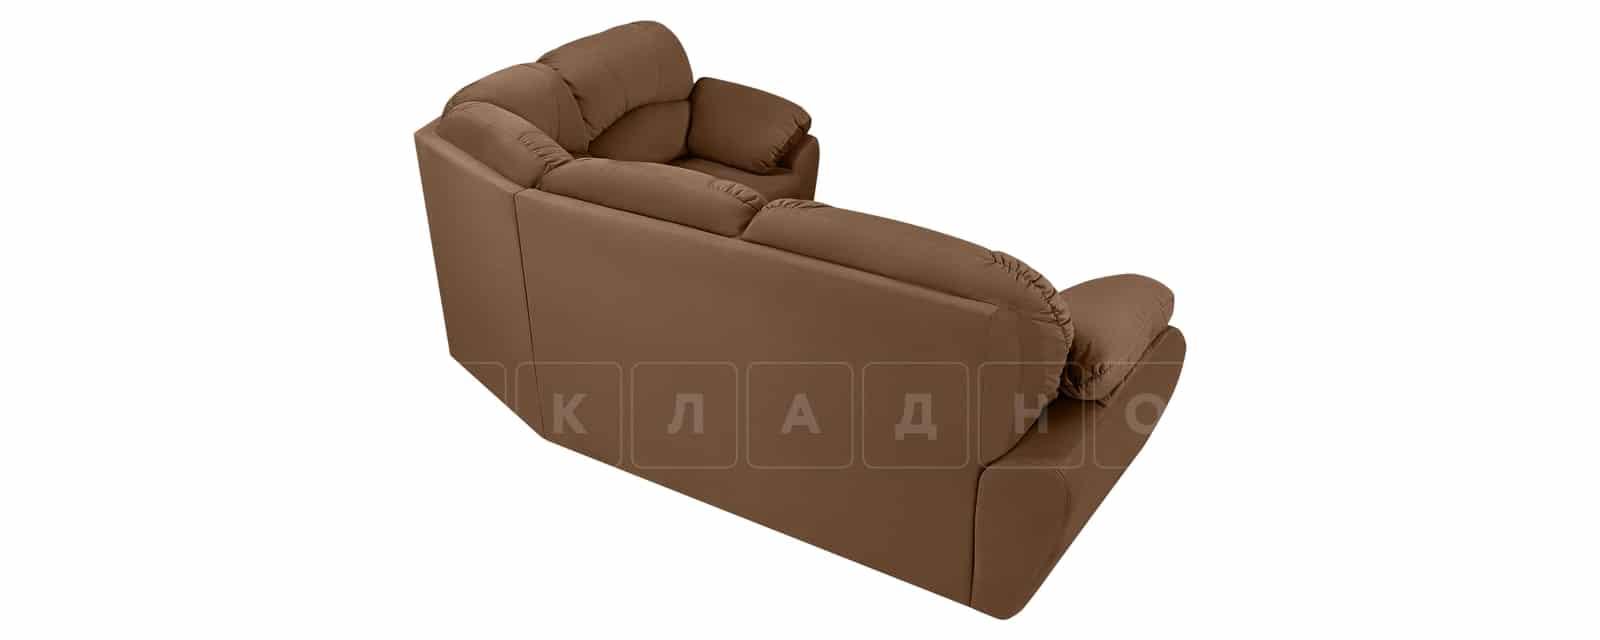 Угловой диван Эвита велюр коричневый левый угол фото 3 | интернет-магазин Складно